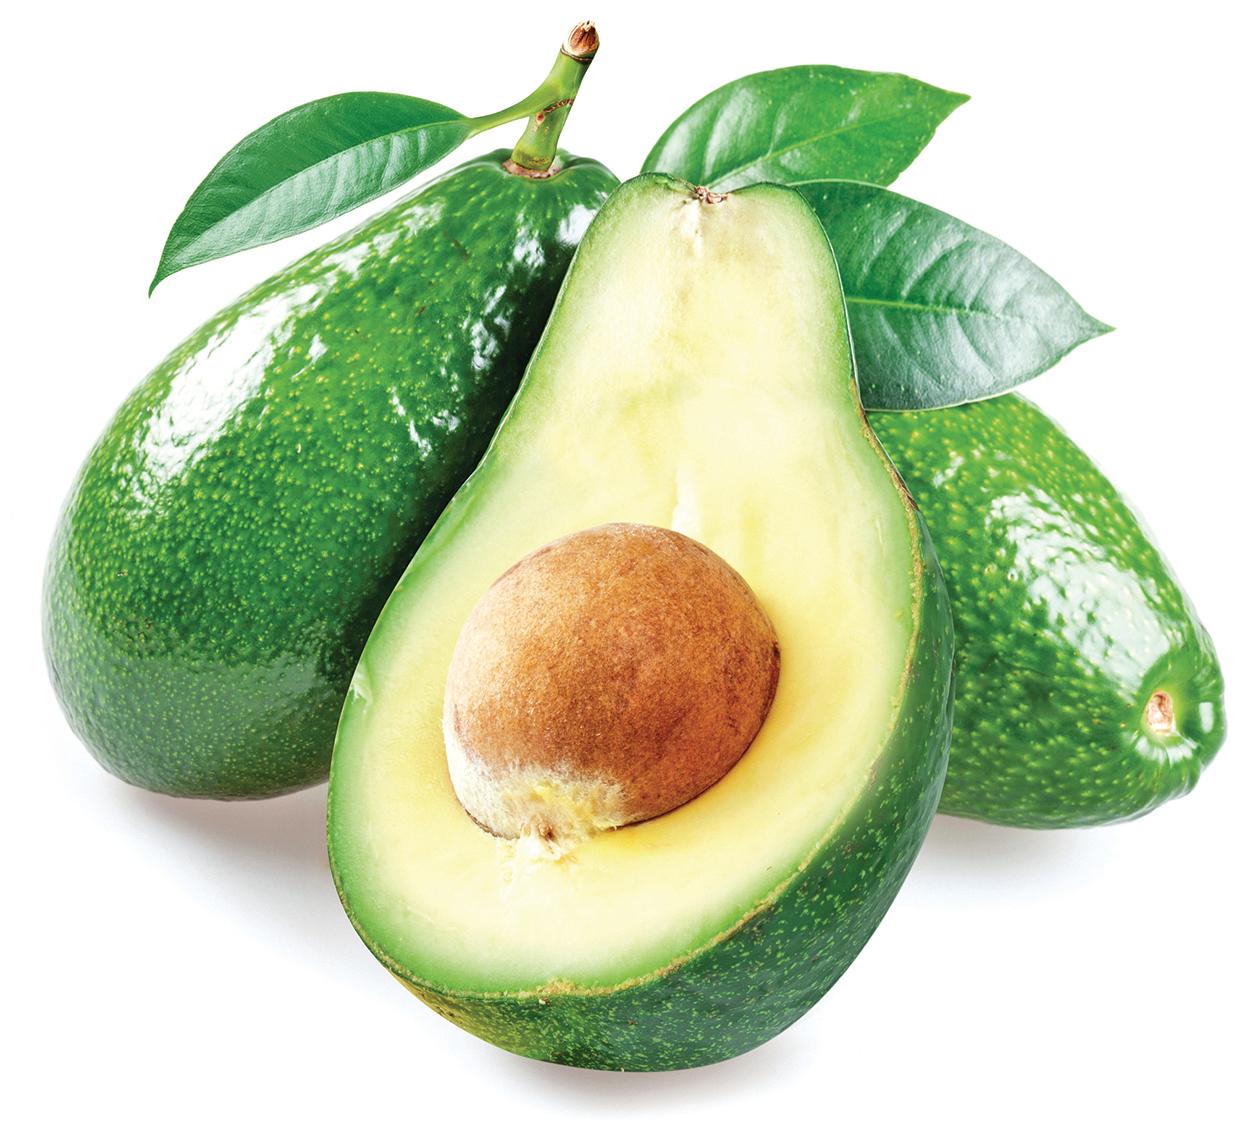 牛油果含不飽和脂肪酸、維他命E,食用後亦能降低壞膽固醇。